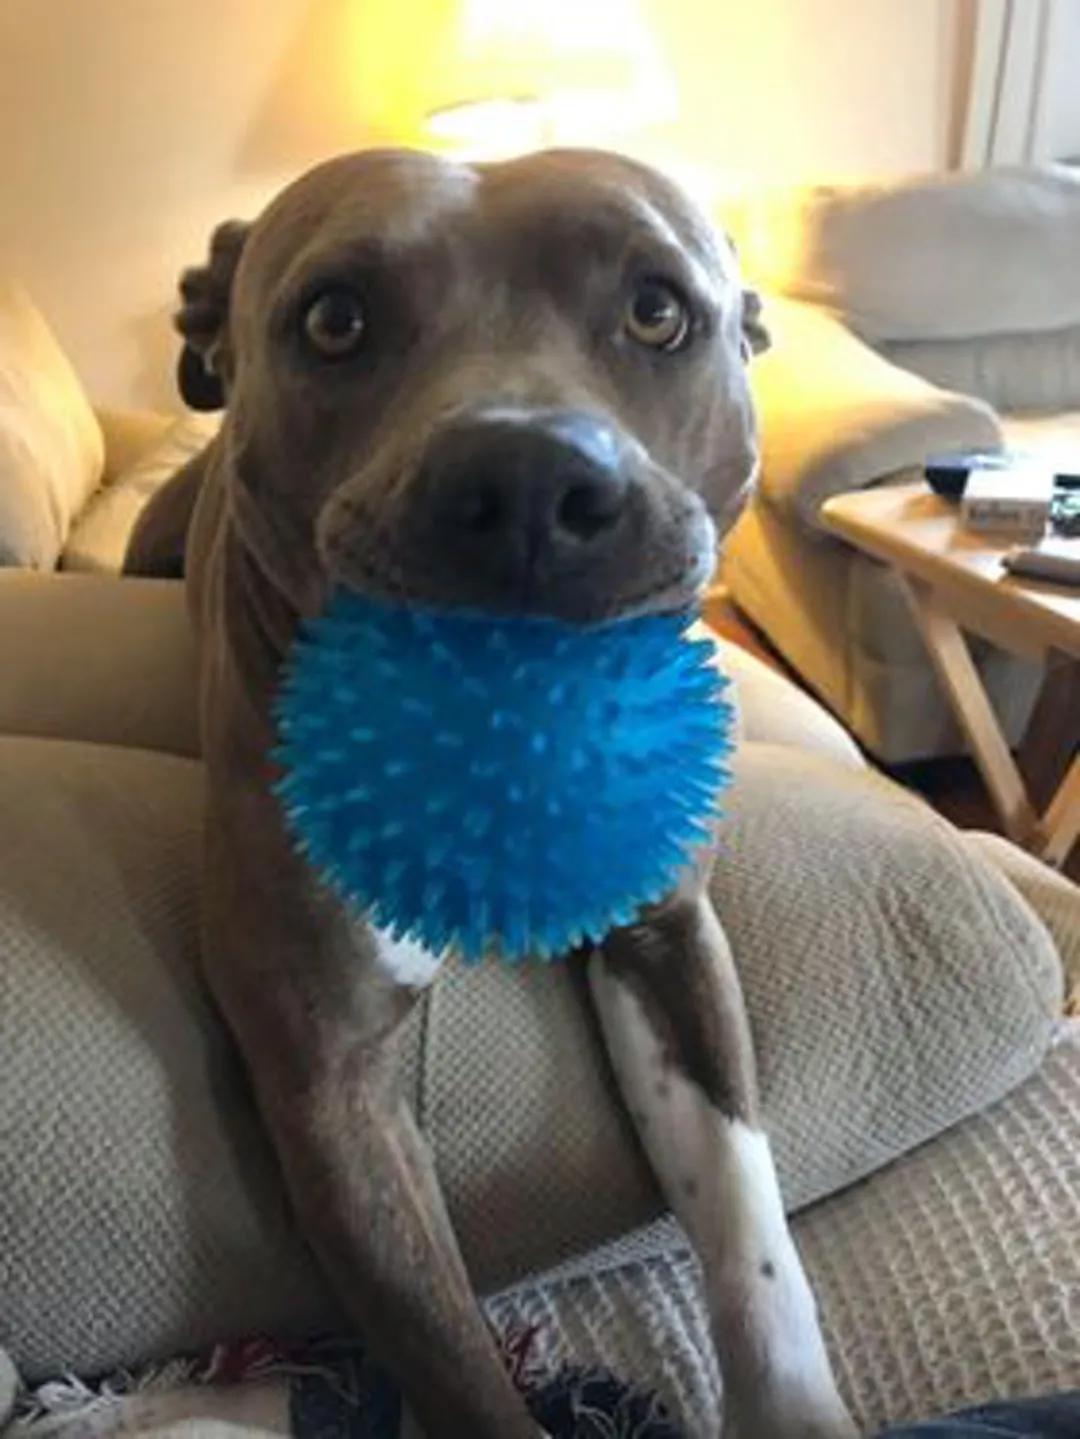 主人找到失踪9个月的狗狗,原因竟是因为一个玩具